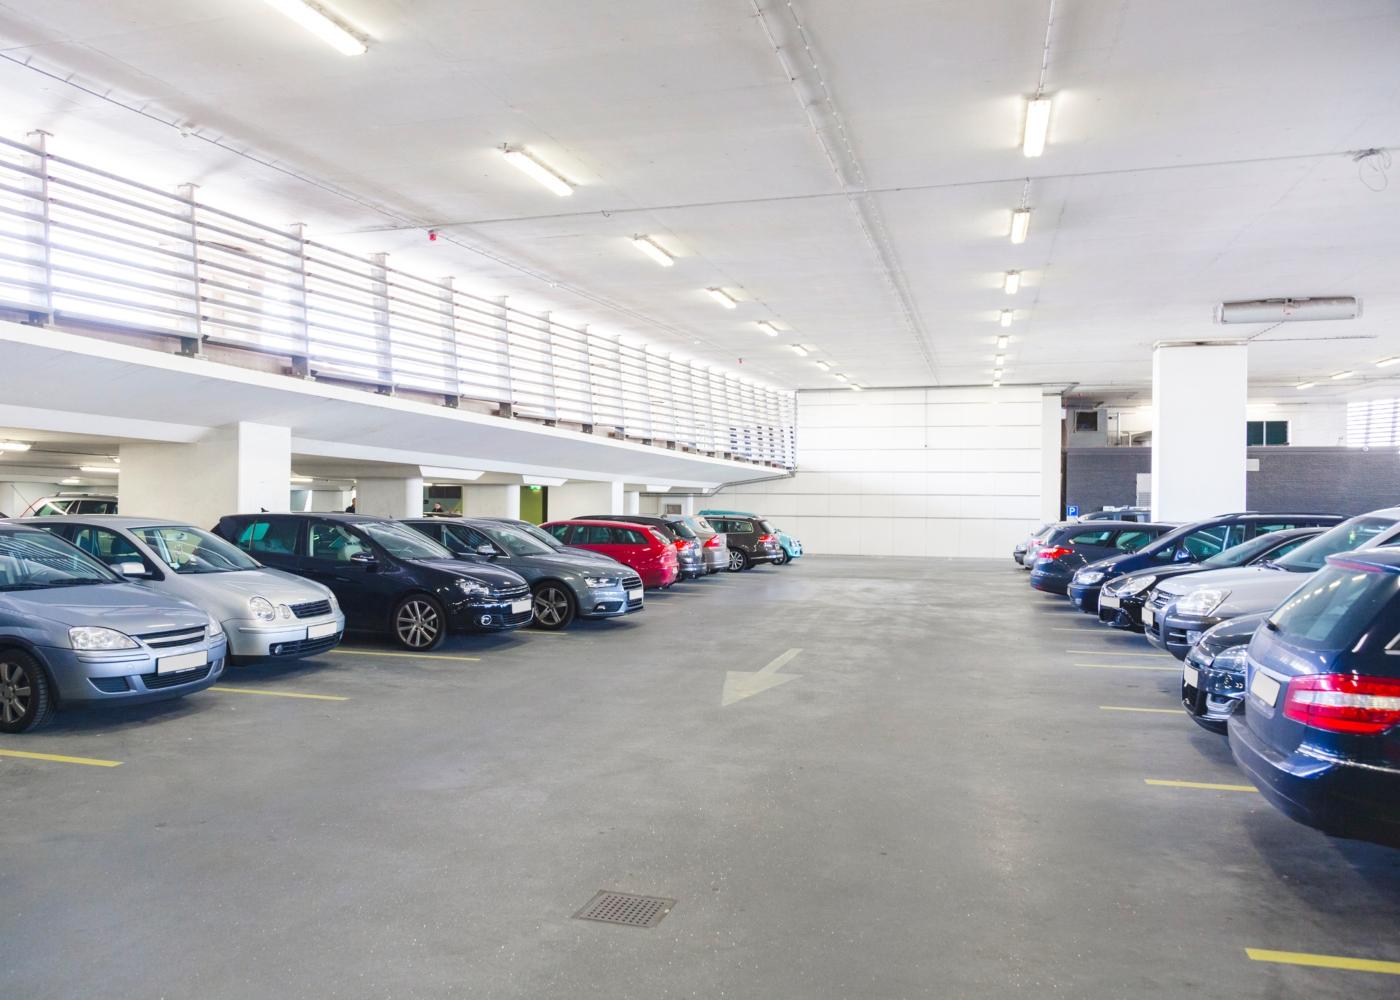 carros em parque de estacionamento